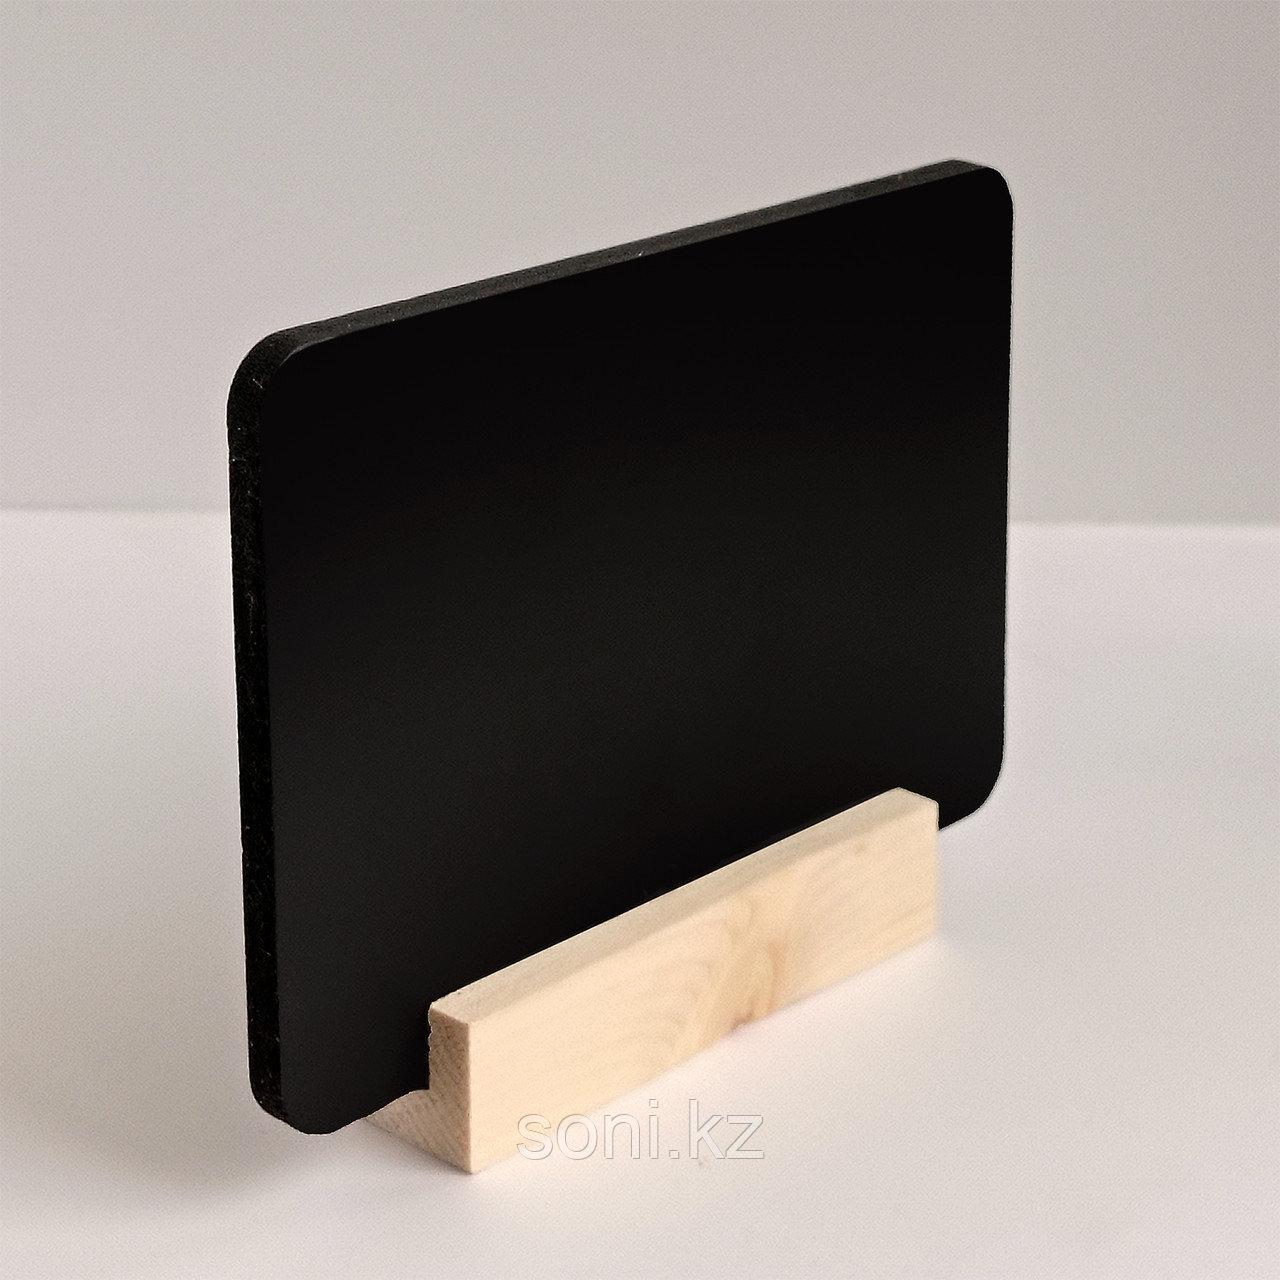 Ценник меловой 130х90мм, на деревянной подставке